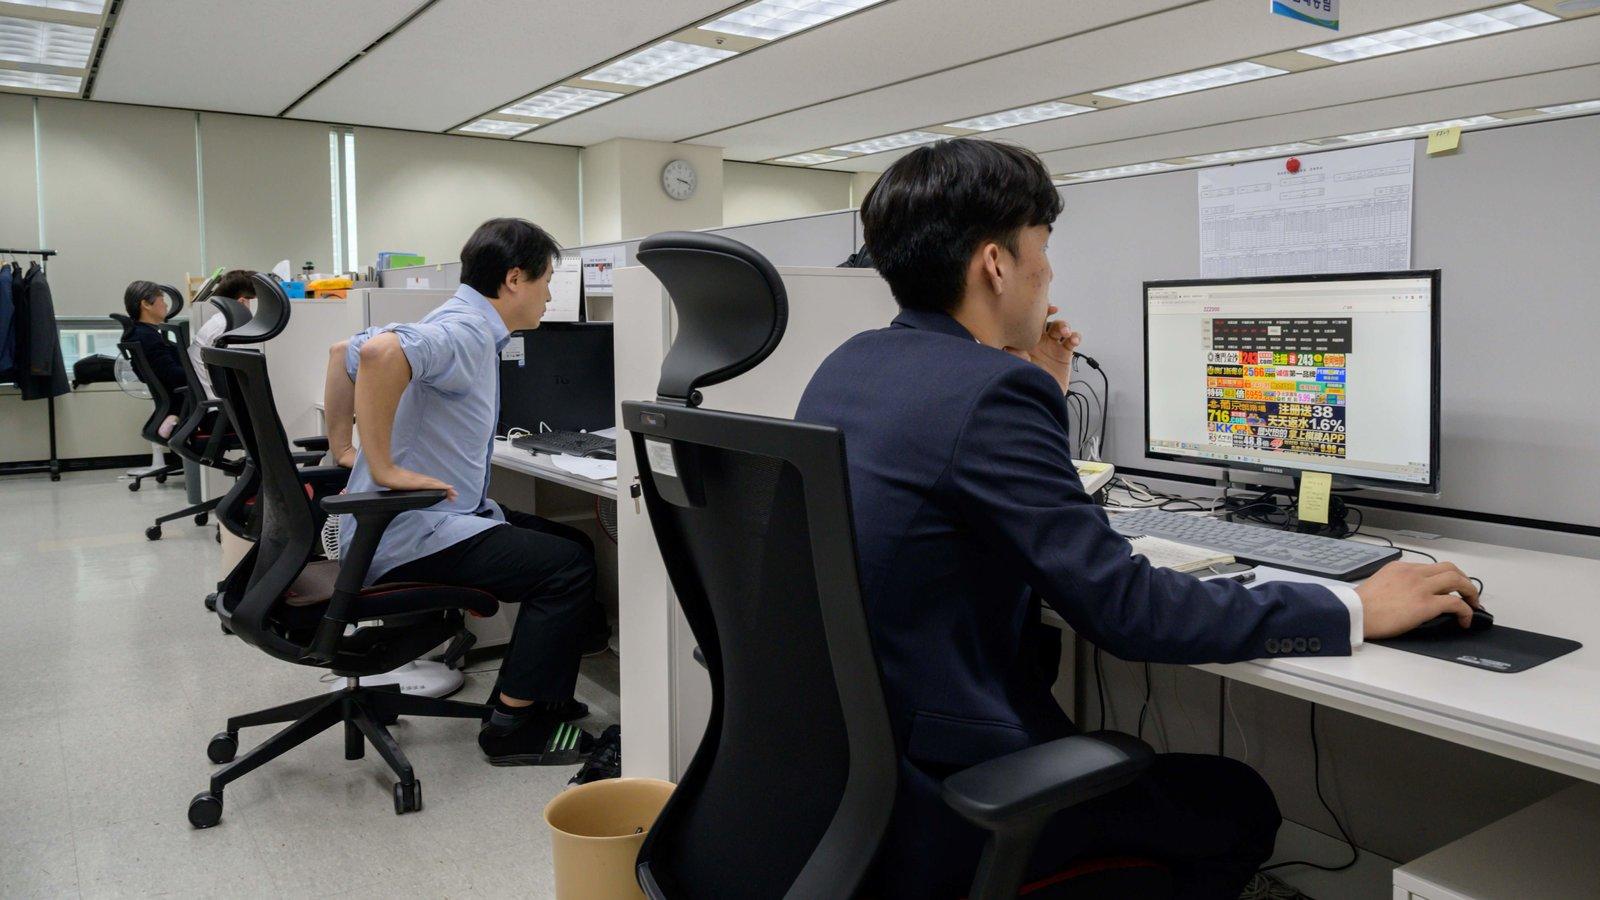 دفتر کره برای پاک کردن ویدئوهای جنسی بدون رضایت